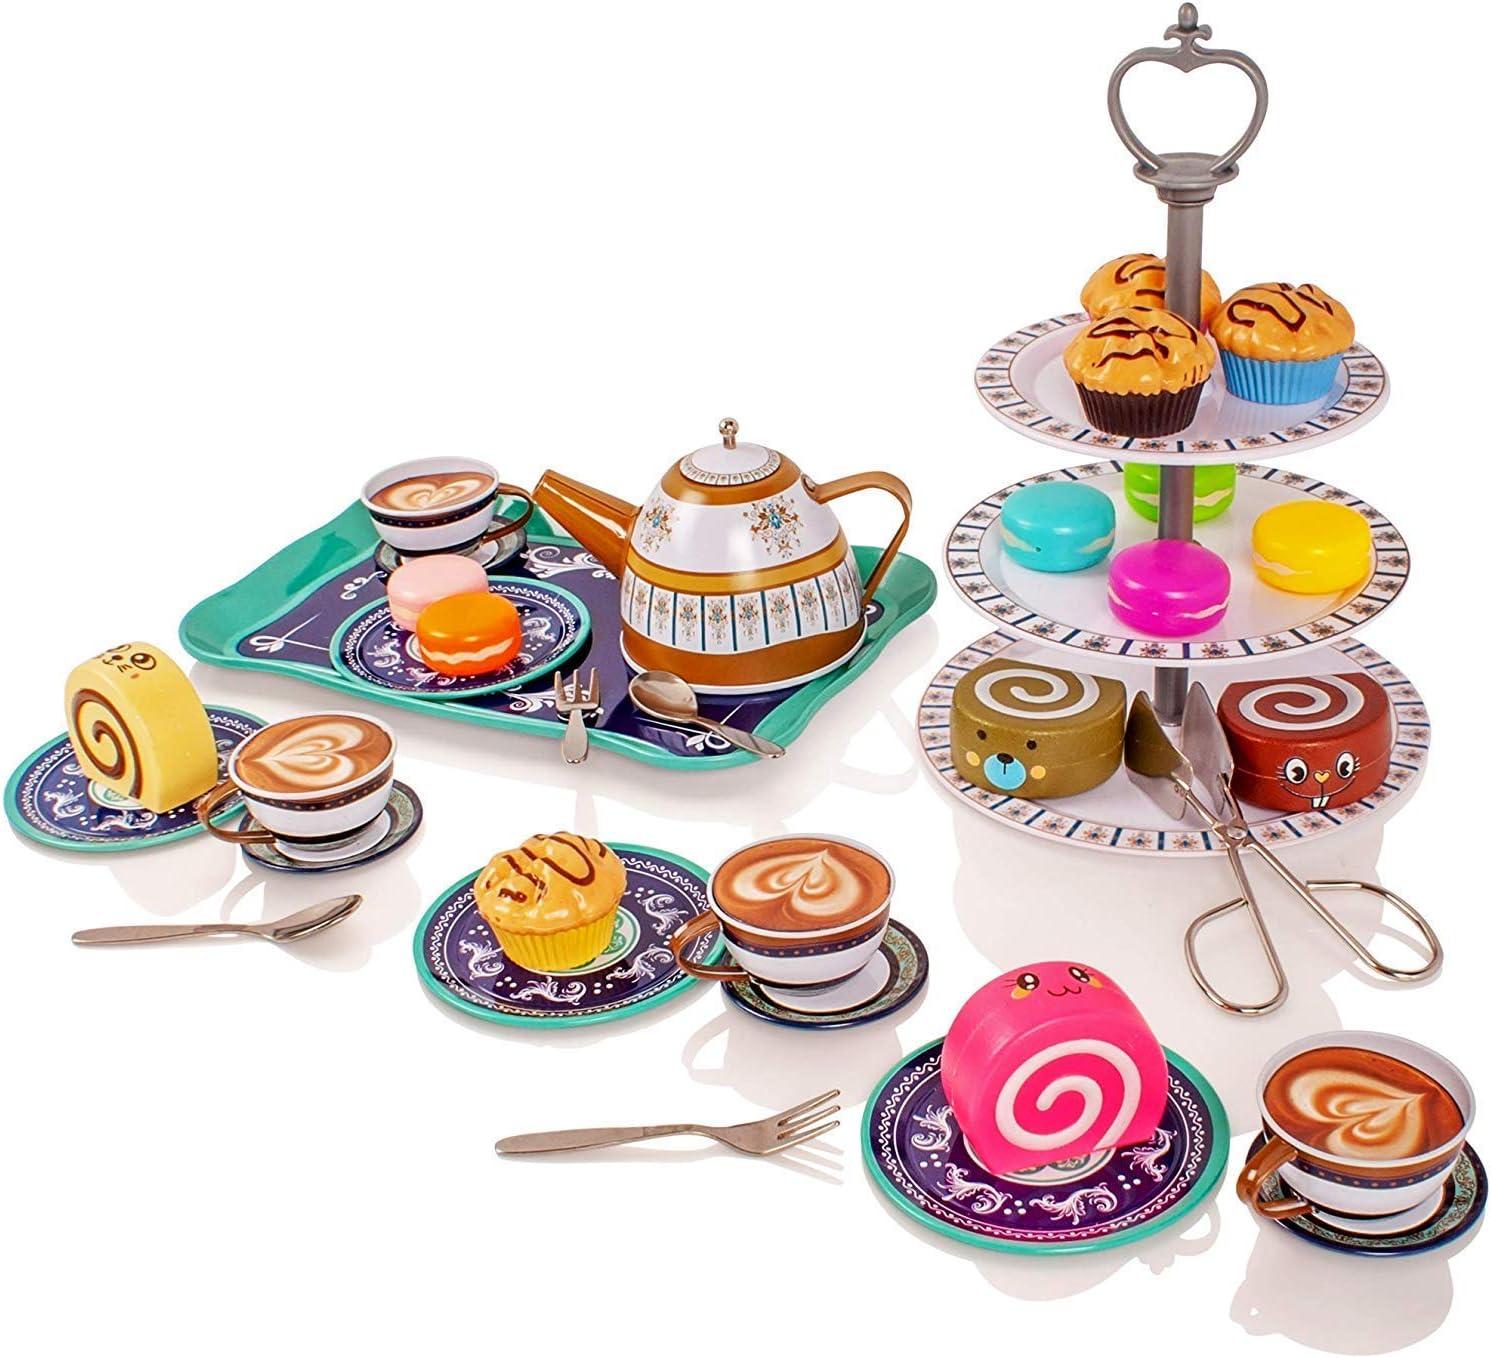 Milly & Ted - Teaset para té, para 4 Personas, para 4 Personas - Juego de té para niños, metálico - Juego de simulación Food Biscuits